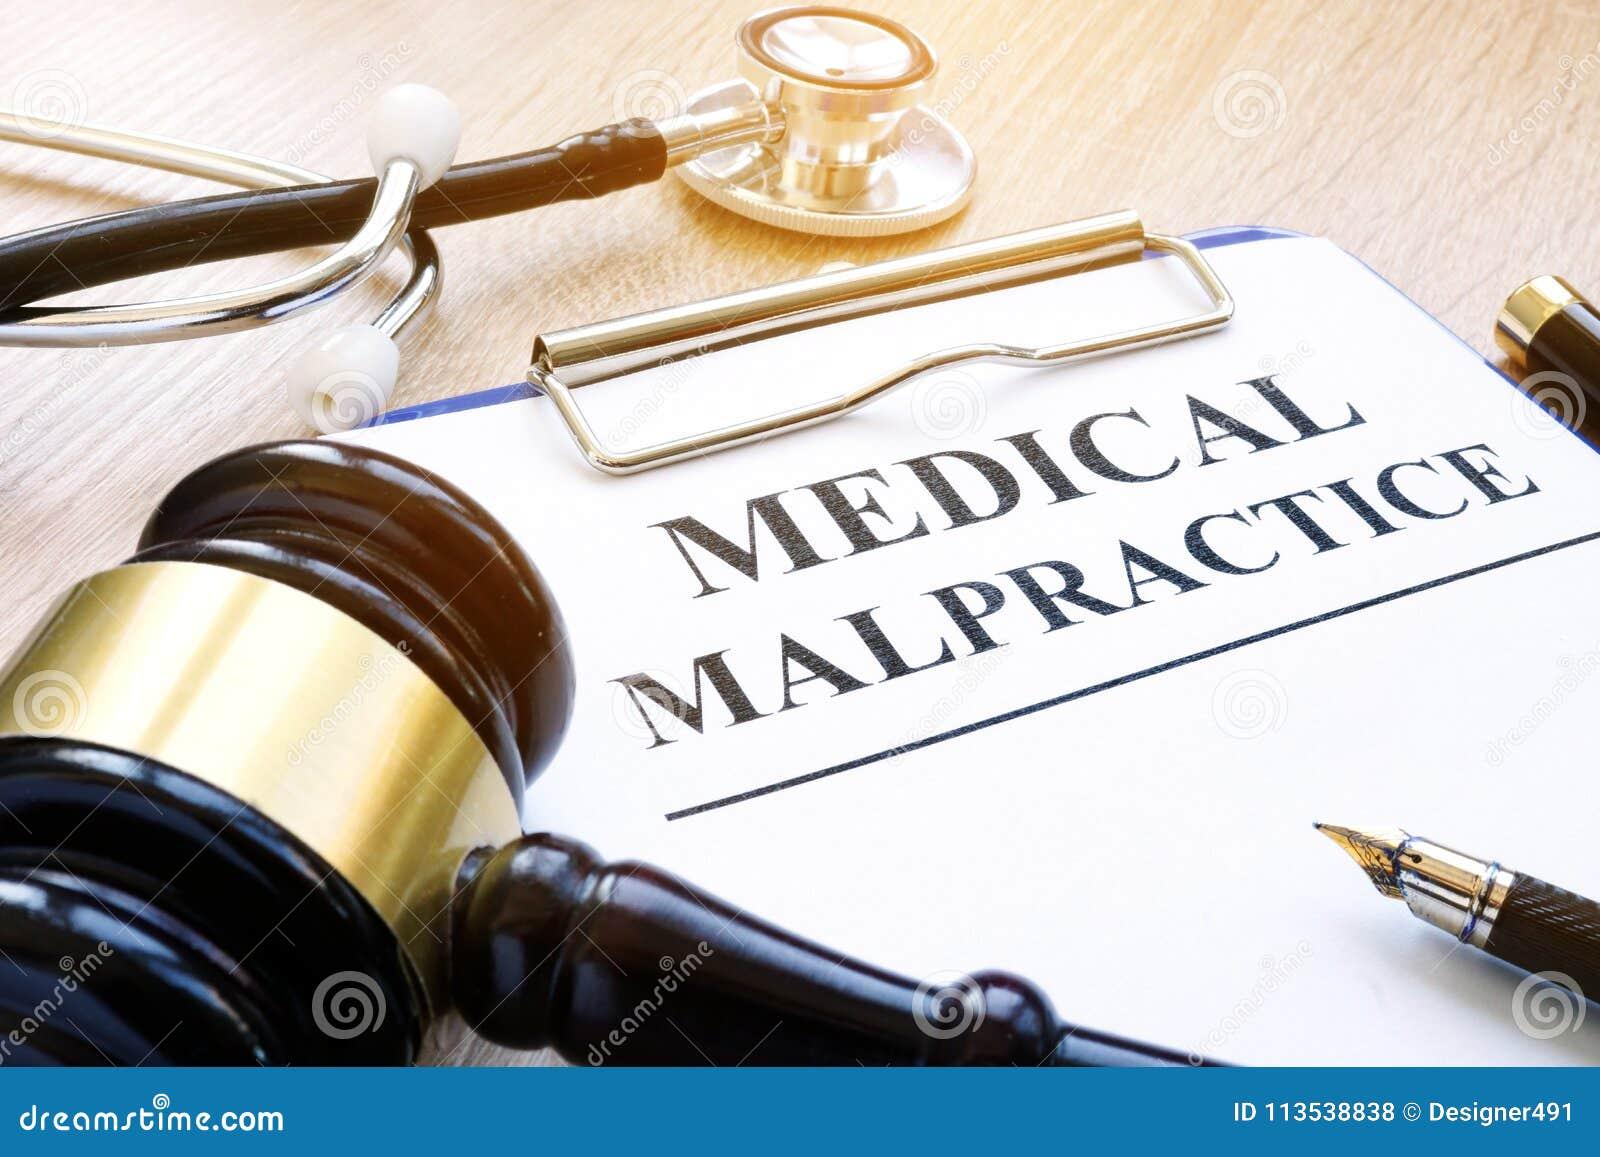 Documentos sobre negligencia médica y el mazo